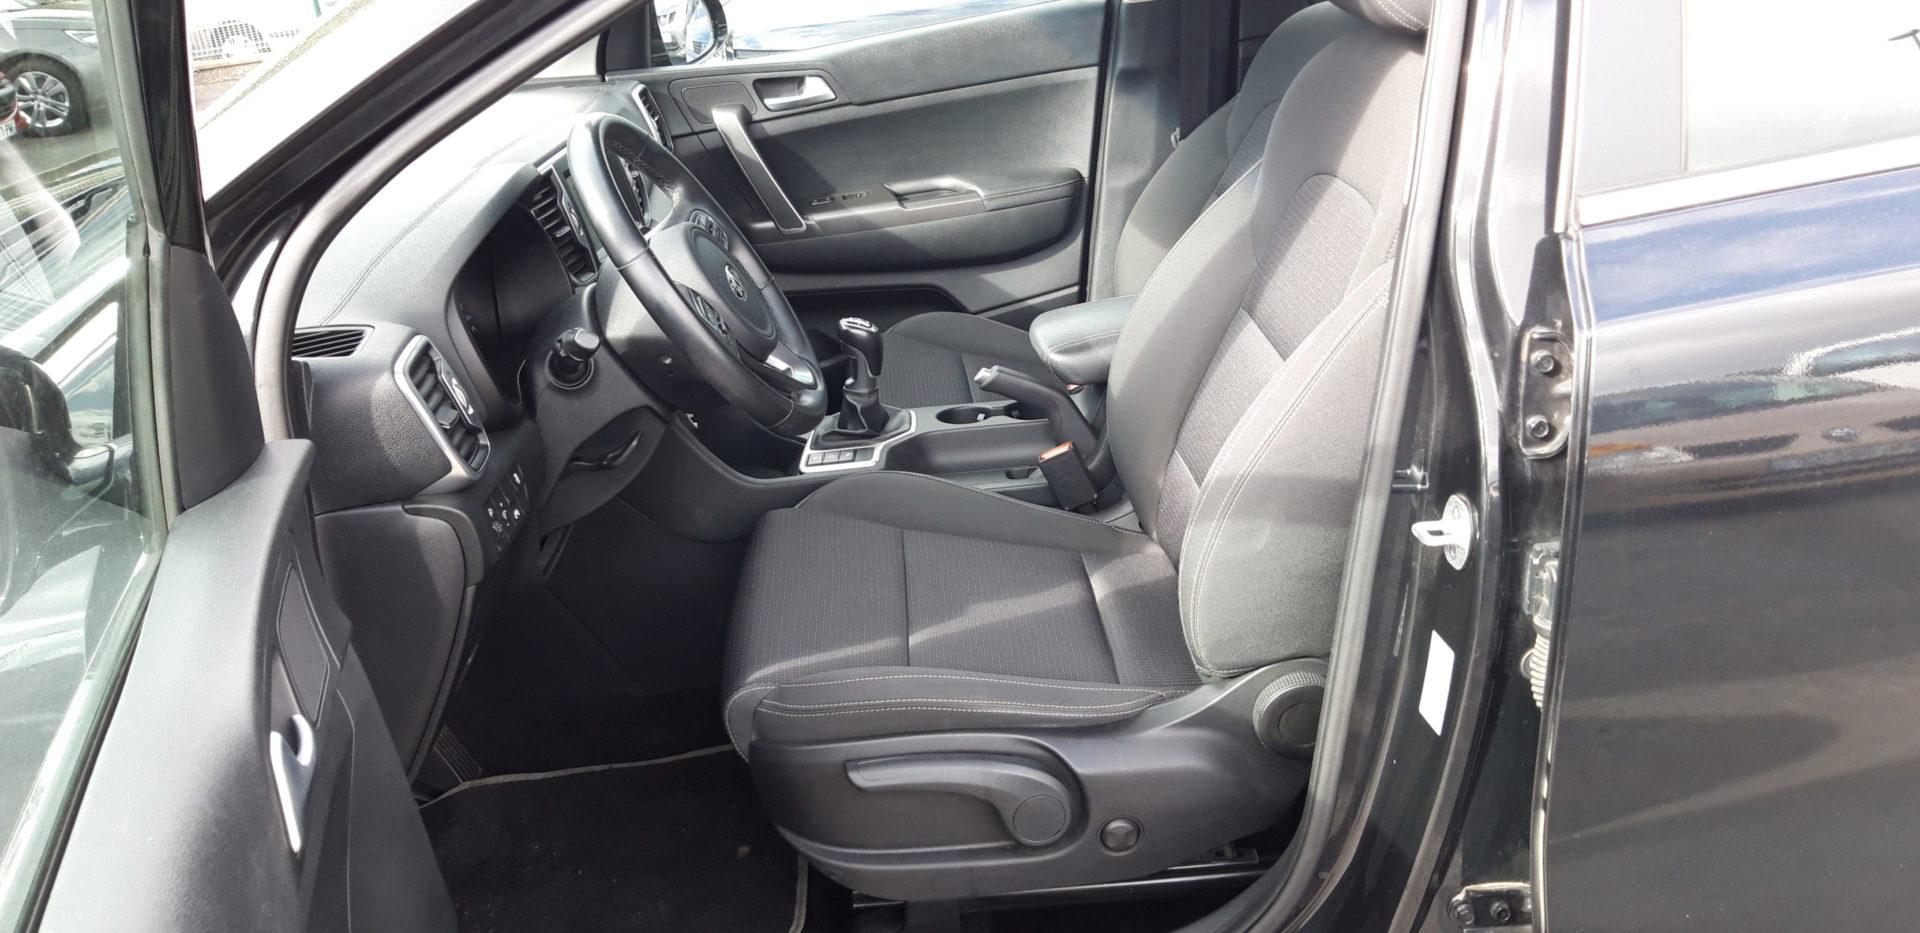 Garage Jallier Tharreau Garage Automobile Cholet Location Vehicule 9 Places 20200821 103012 1095